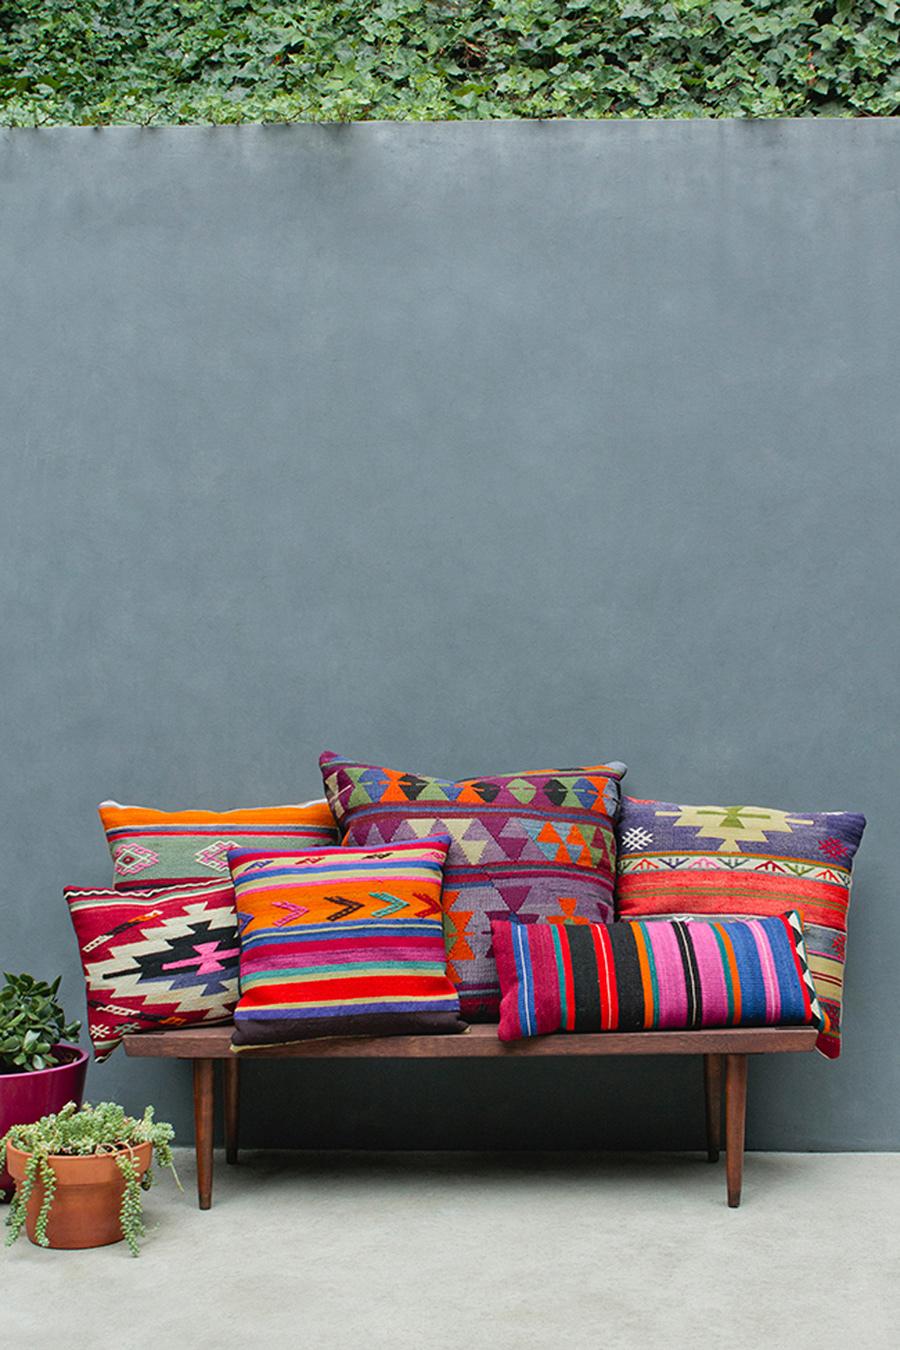 Décoration colorée pour une terrasse